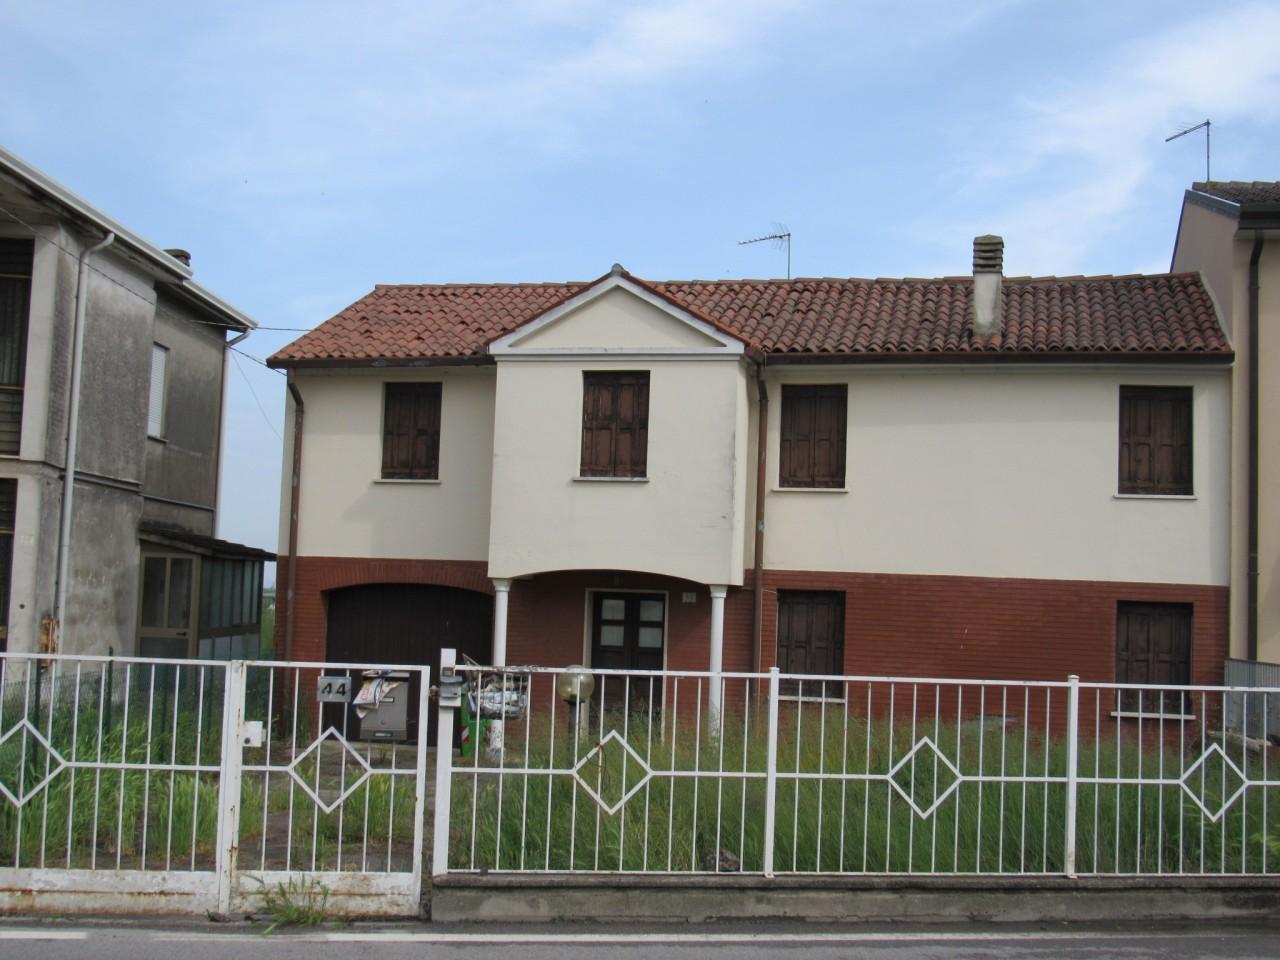 Casa accostata in centro al paese